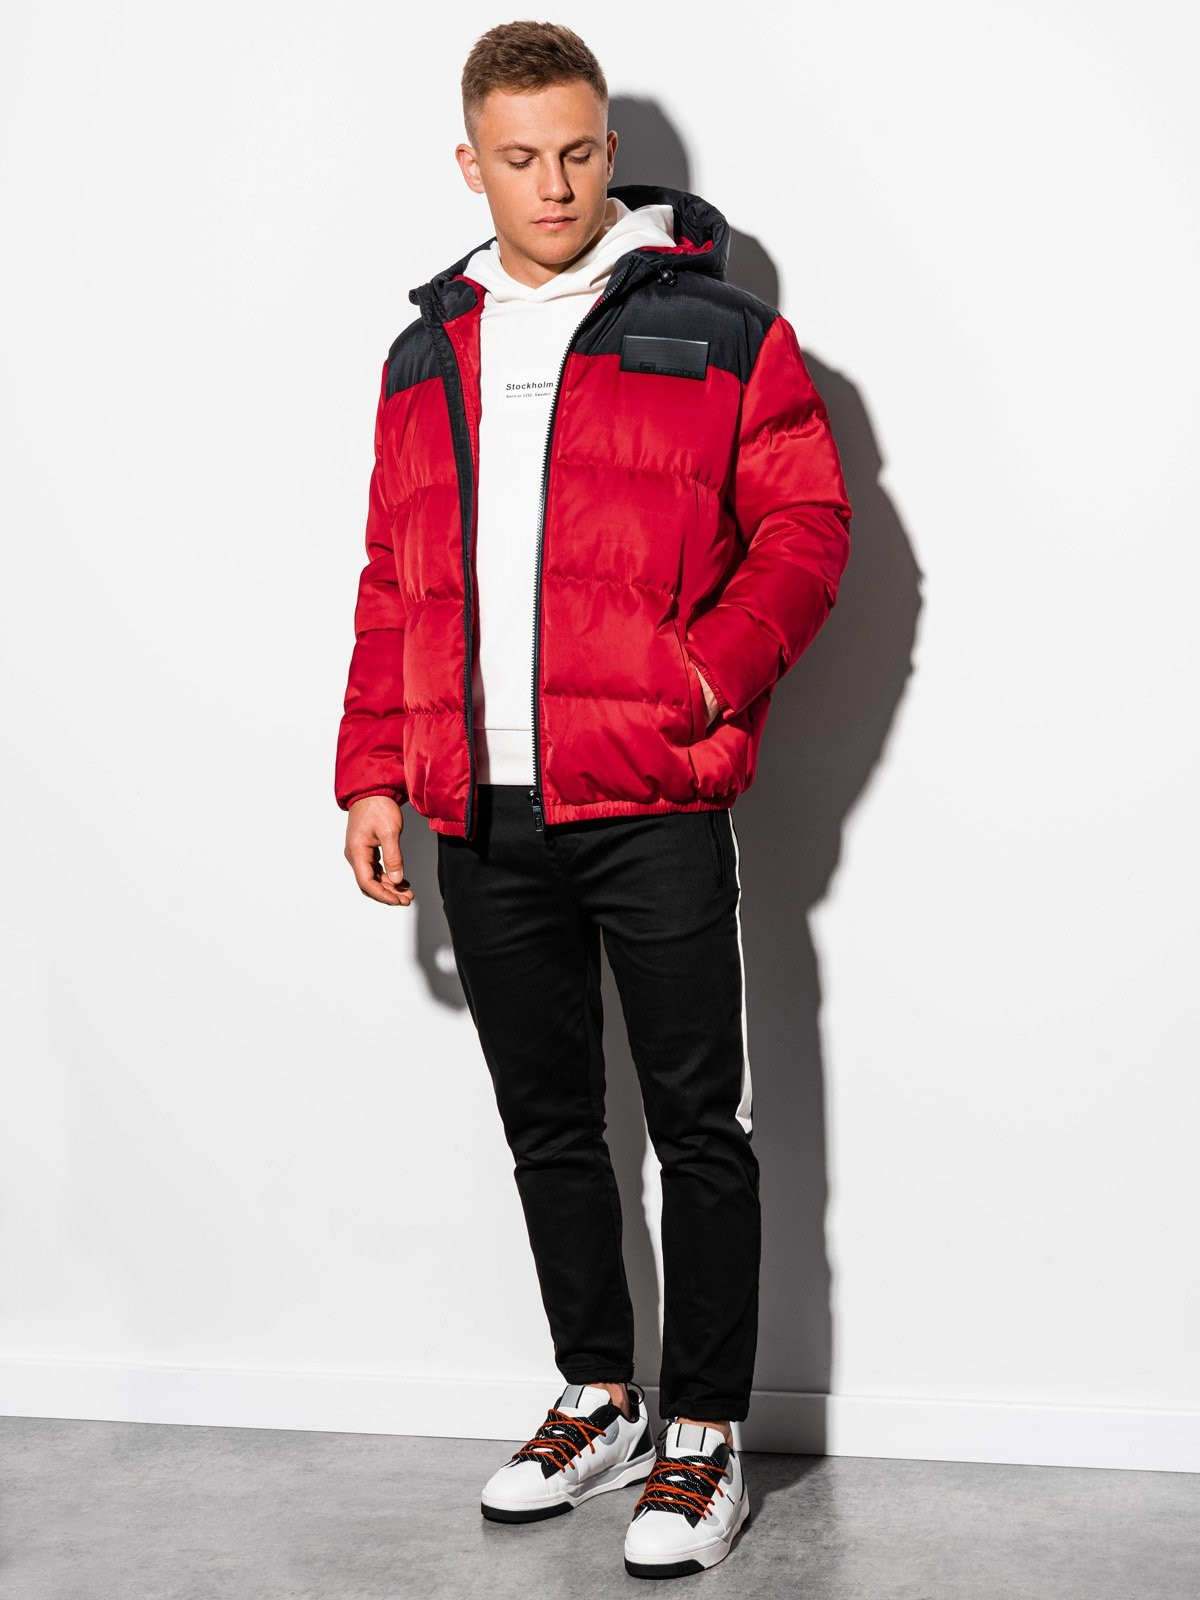 Ombre Kurtka męska zimowa pikowana C458 - czerwona